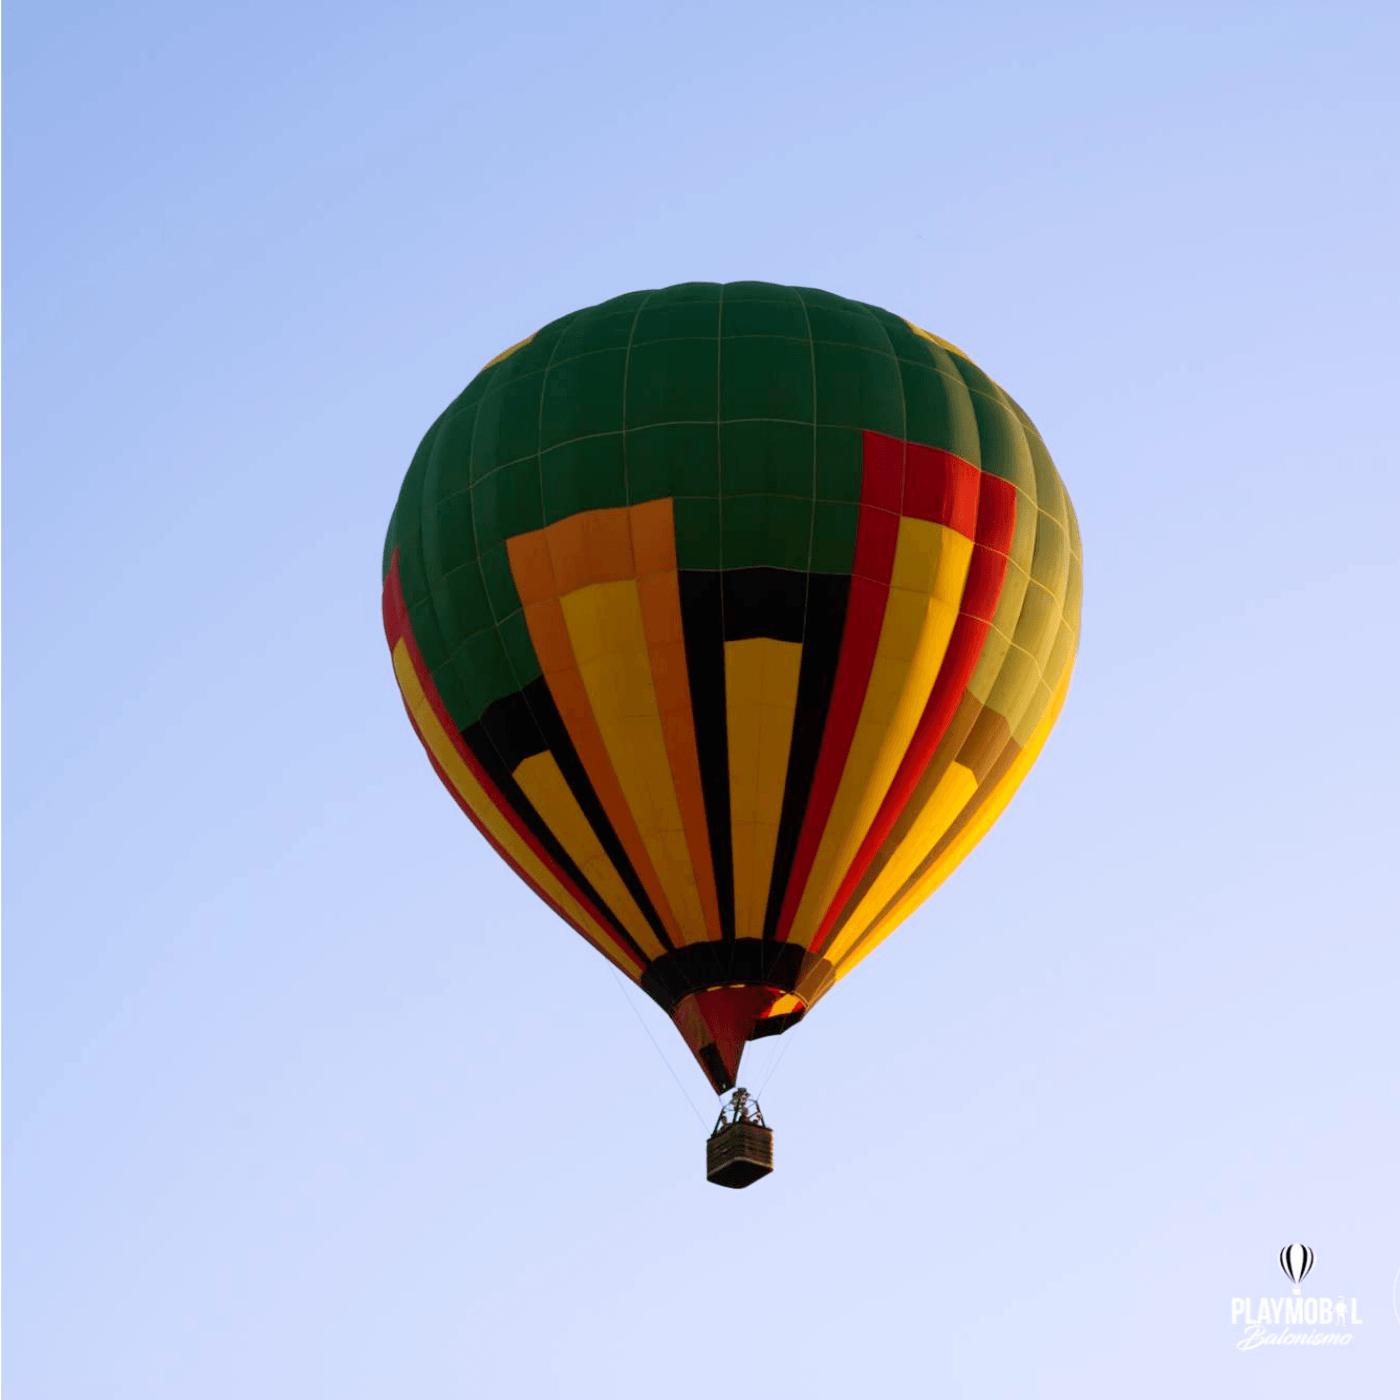 Passeio de Balão para 2 pessoas em Boituva-SP